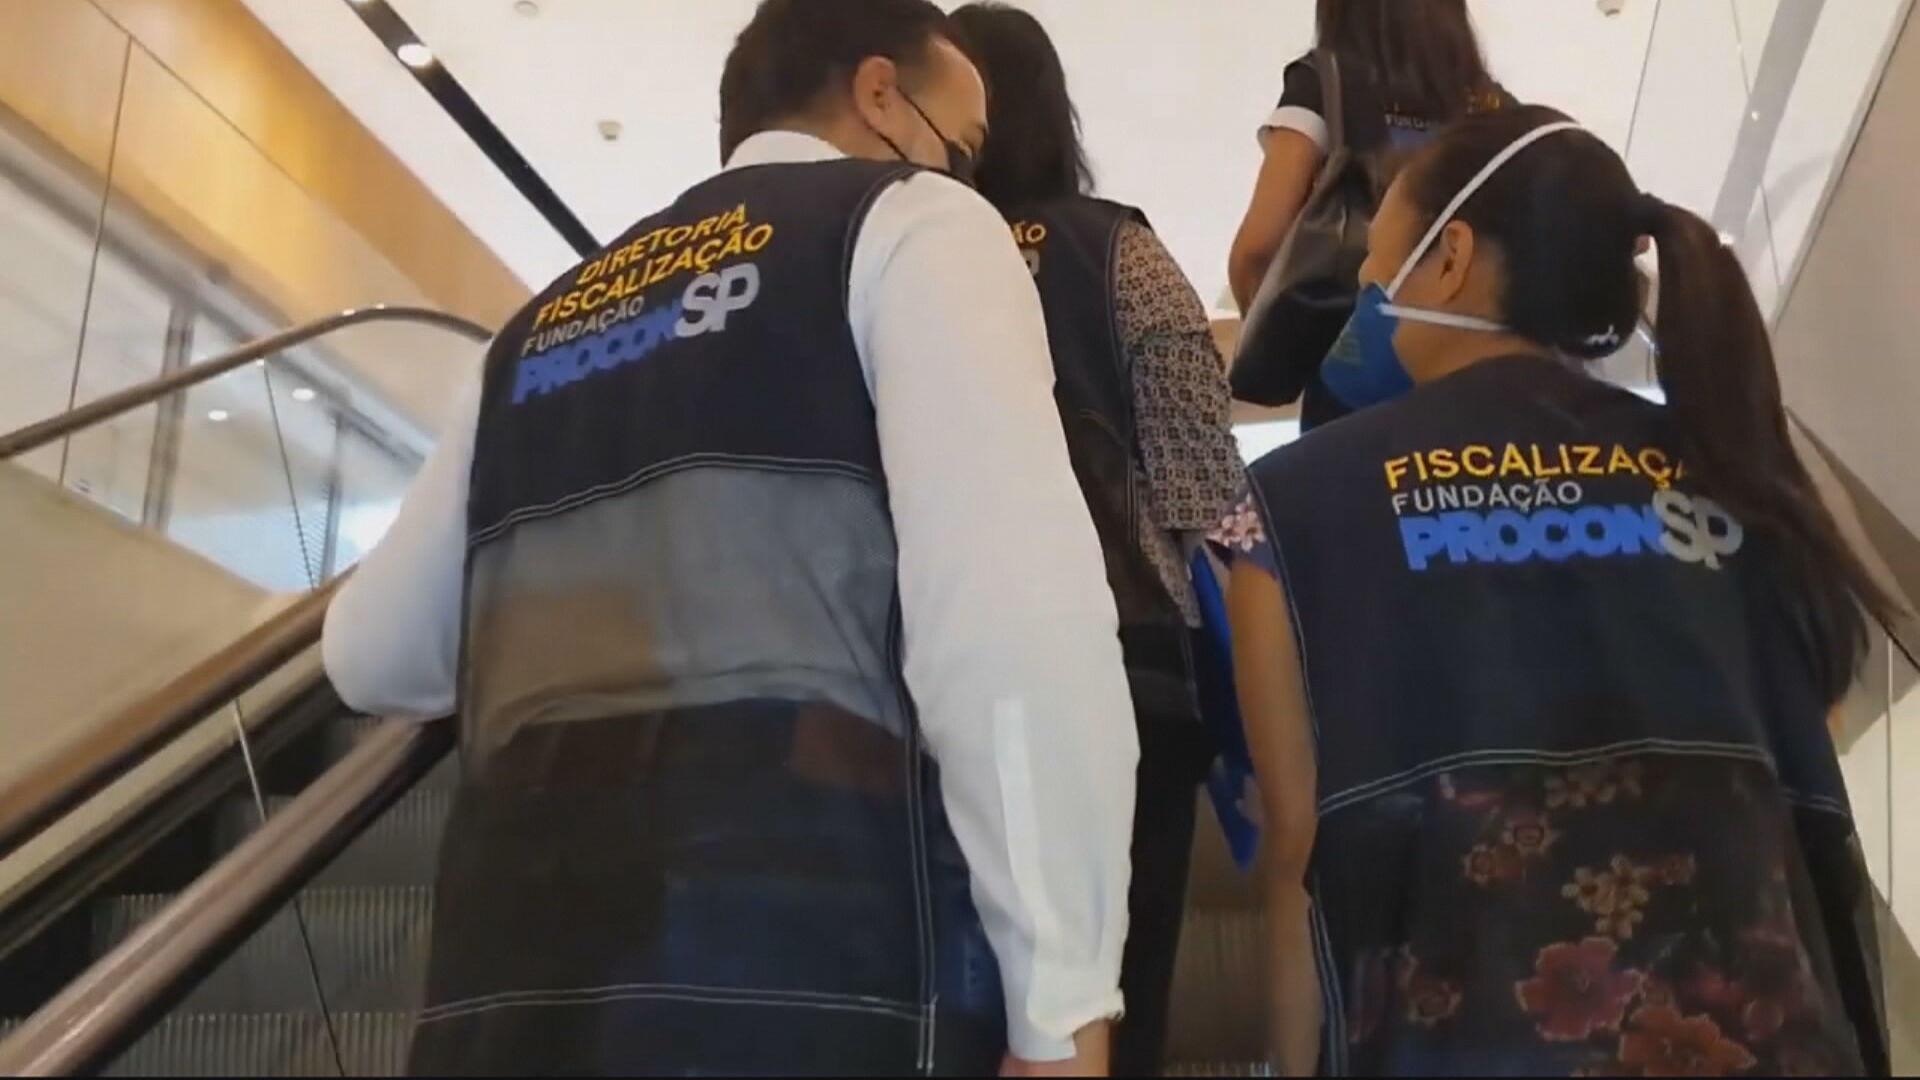 Procon investiga venda de imunizantes falsos contra o novo coronavírus